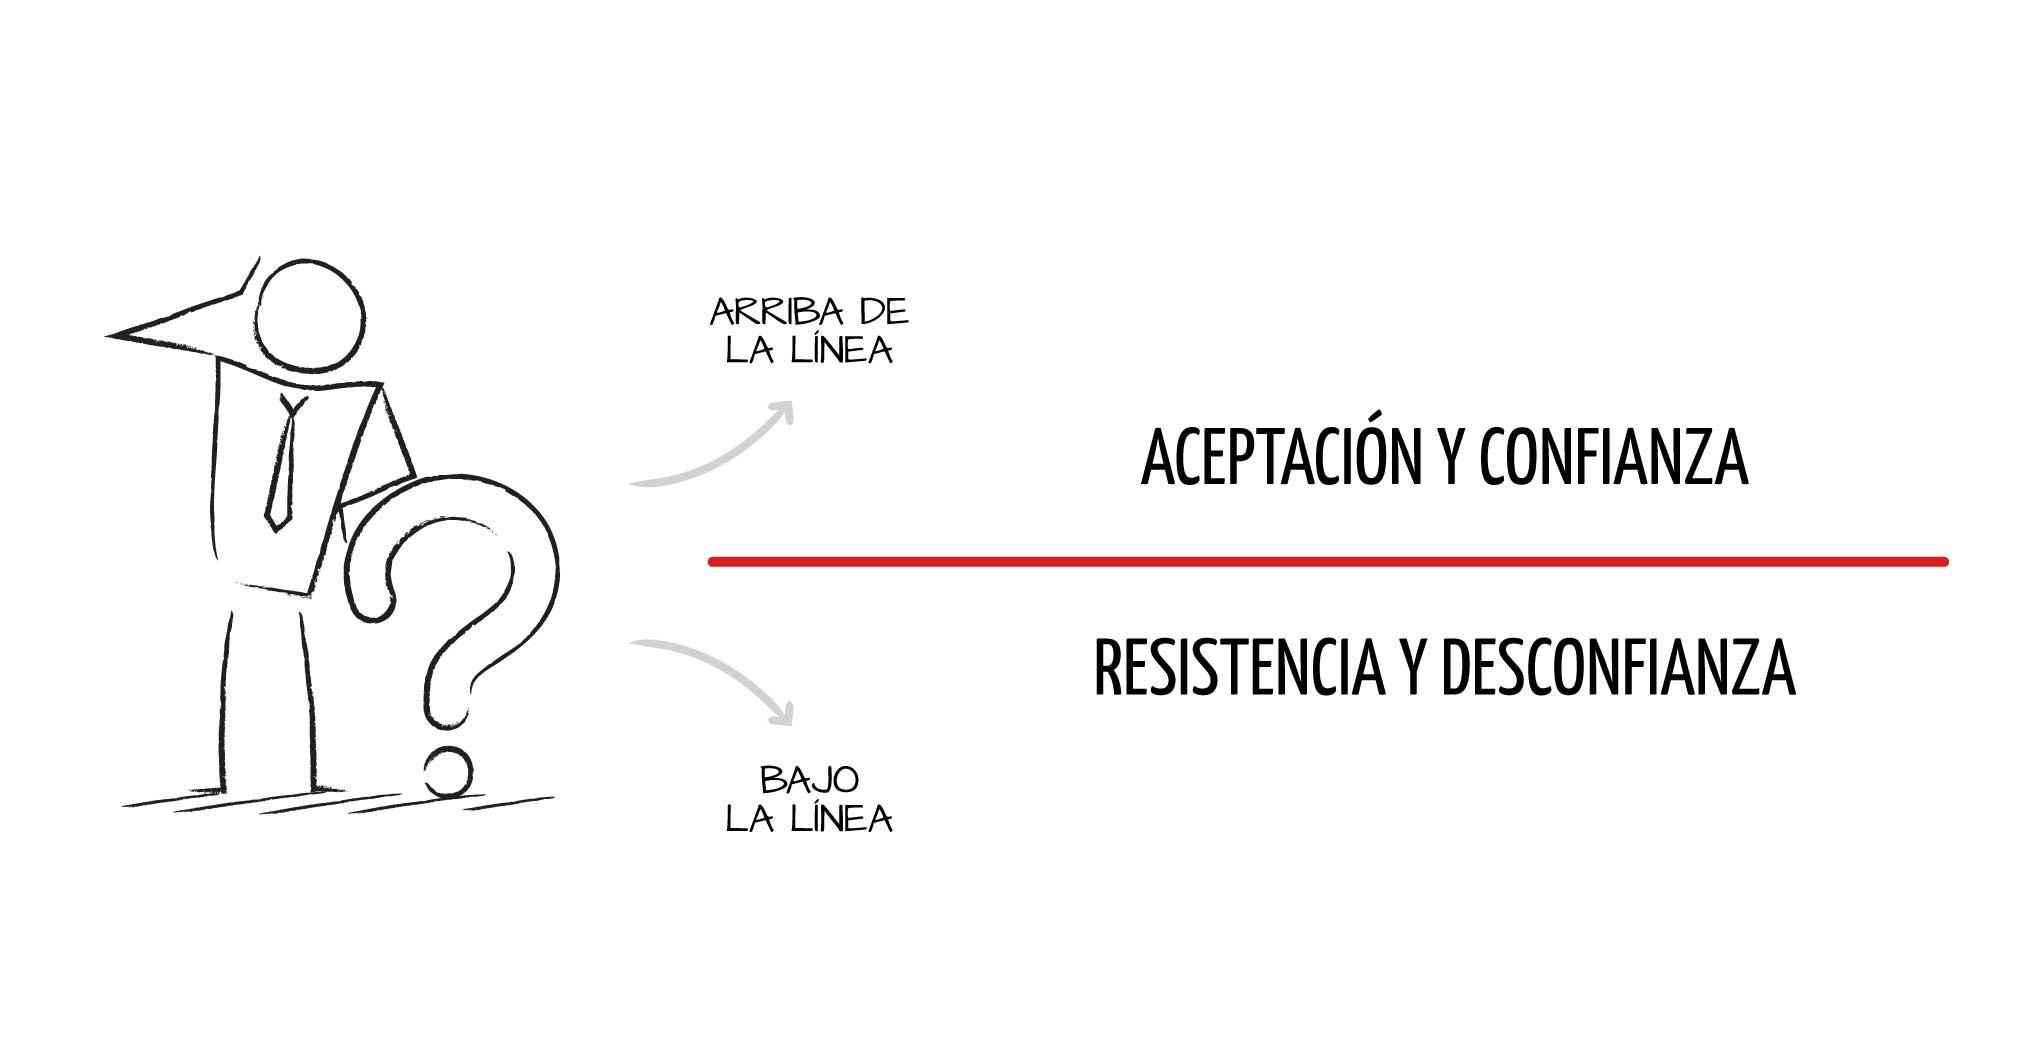 linea horizontal que marca el limite para estar arriba o bajo la linea en el modelo de liderazgo consciente y conseguir una transformacion organizacional